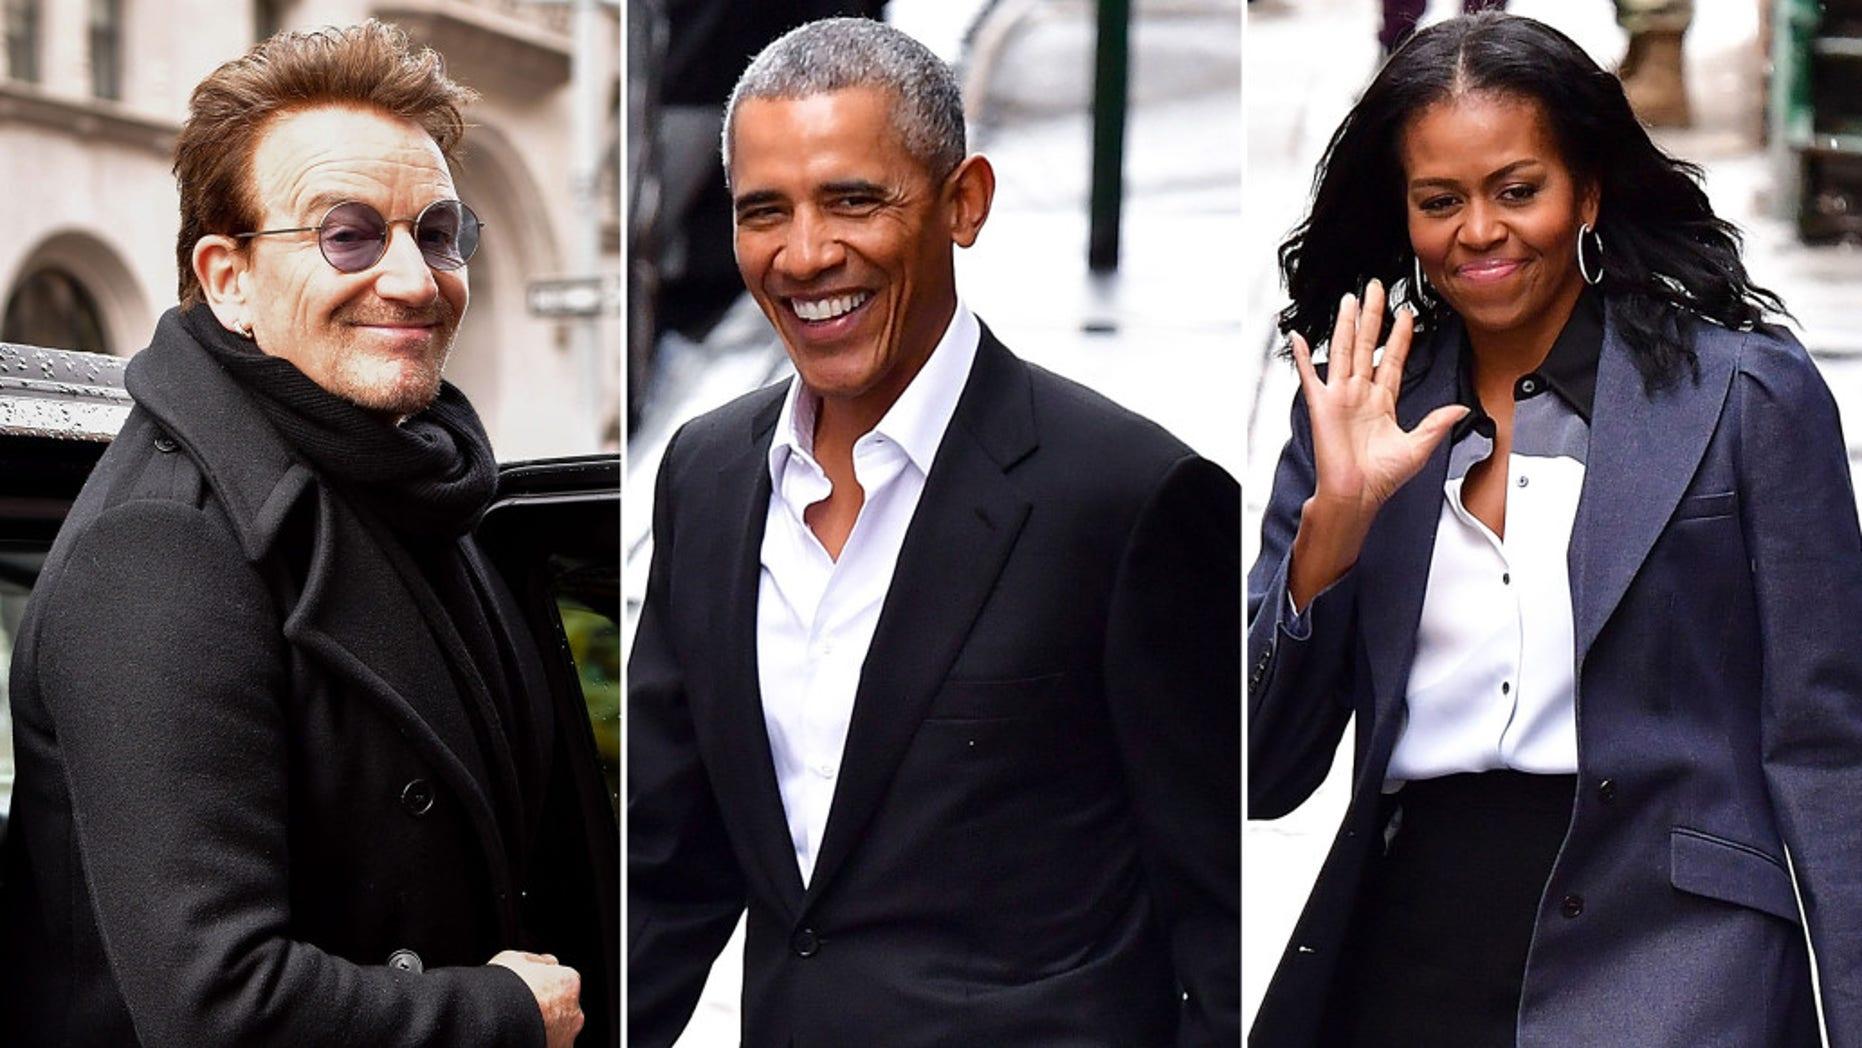 Bono, Barack Obama and Michelle Obama leave Upland.